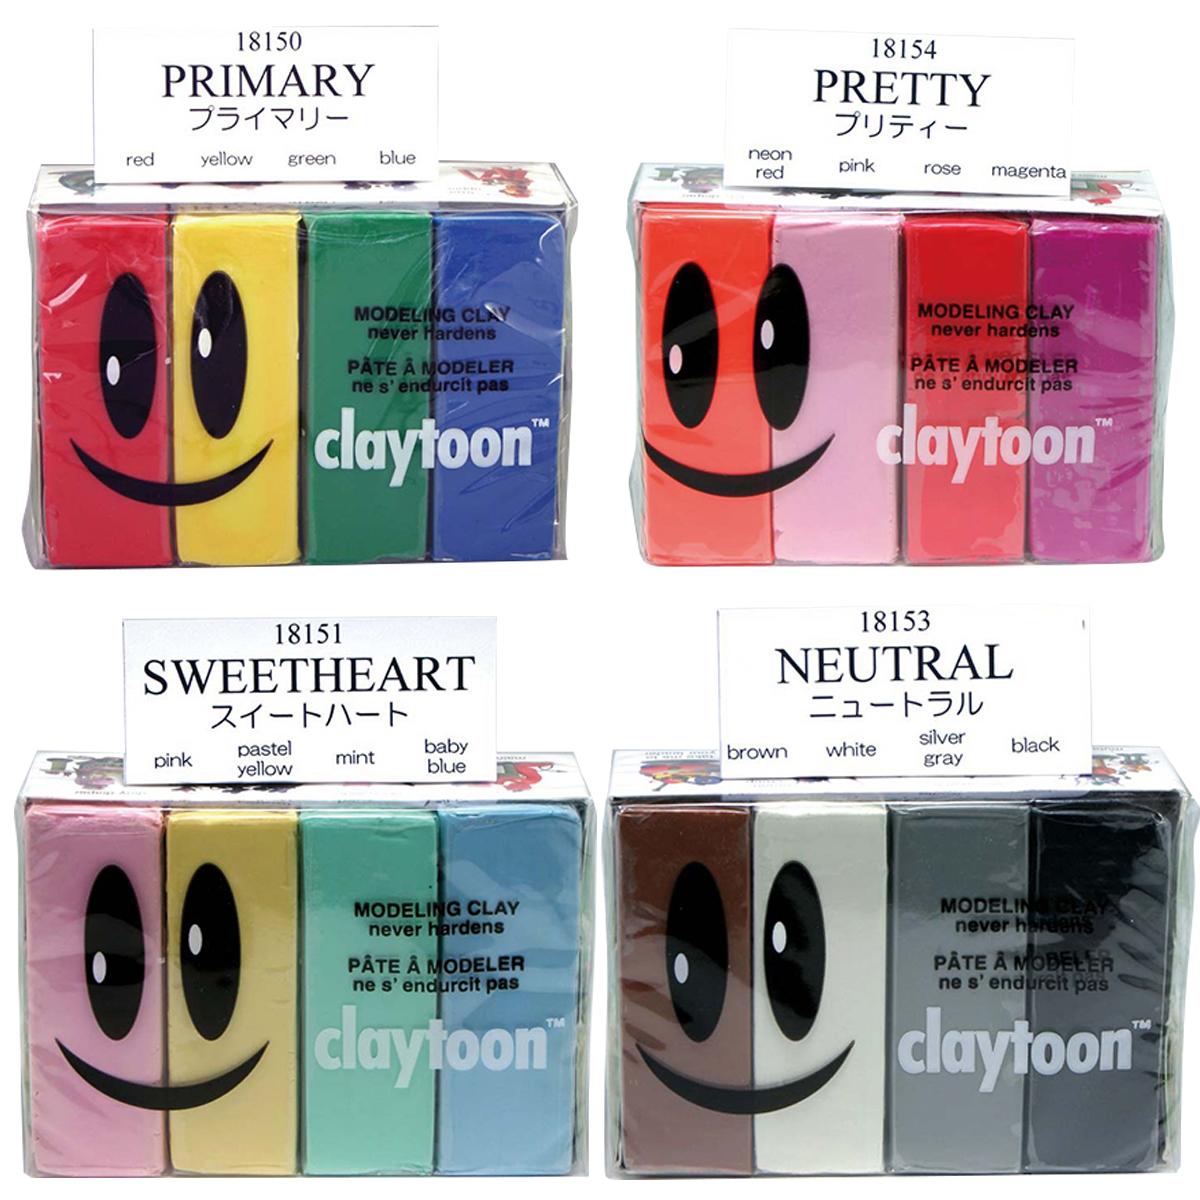 クレイアニメに最適な粘土です モデリングクレイ お求めやすく価格改定 春の新作続々 クレイトーン 粘土 4色セット クレイアニメ